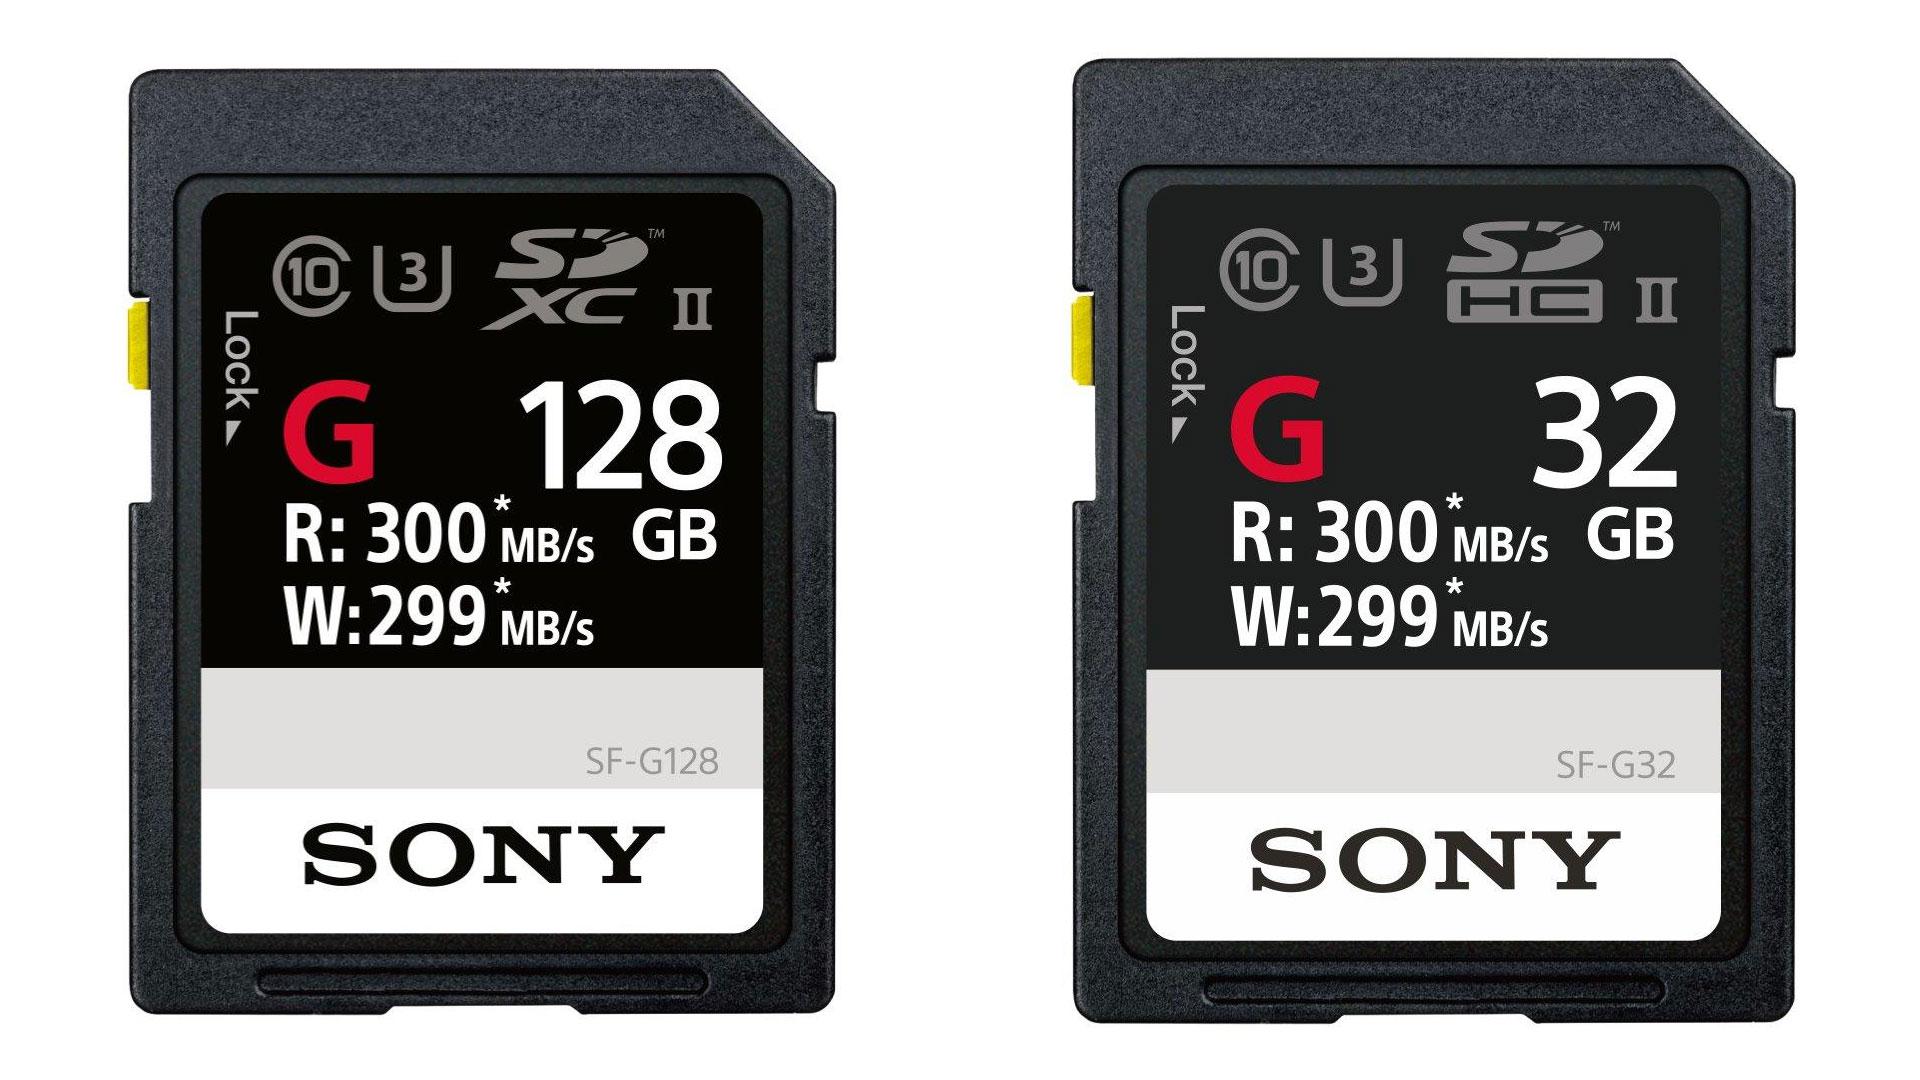 ソニーが世界最速のSDカードを発表